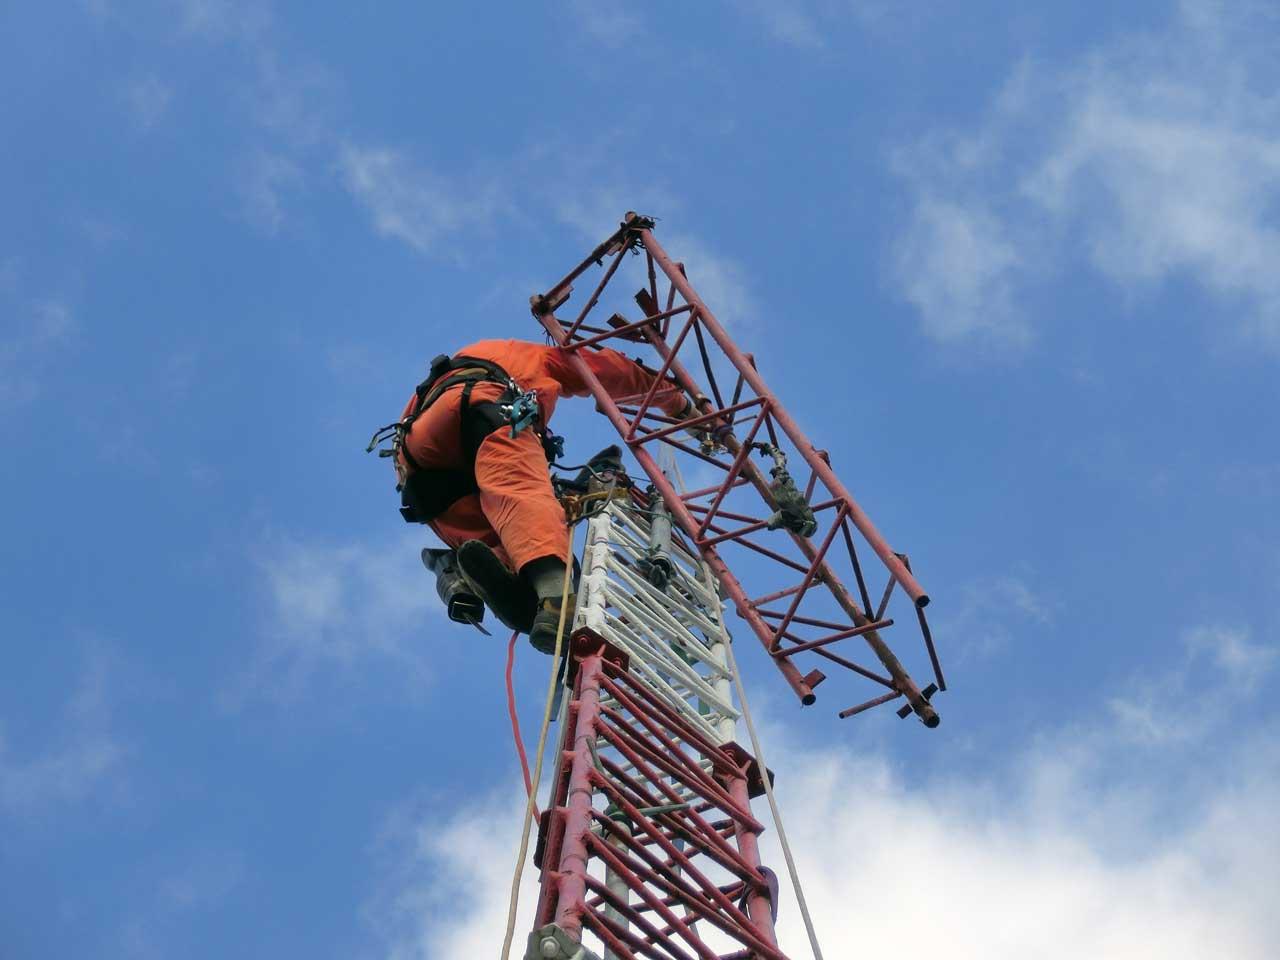 大阪府吹田市でのアマチュア無線鉄塔撤去工事